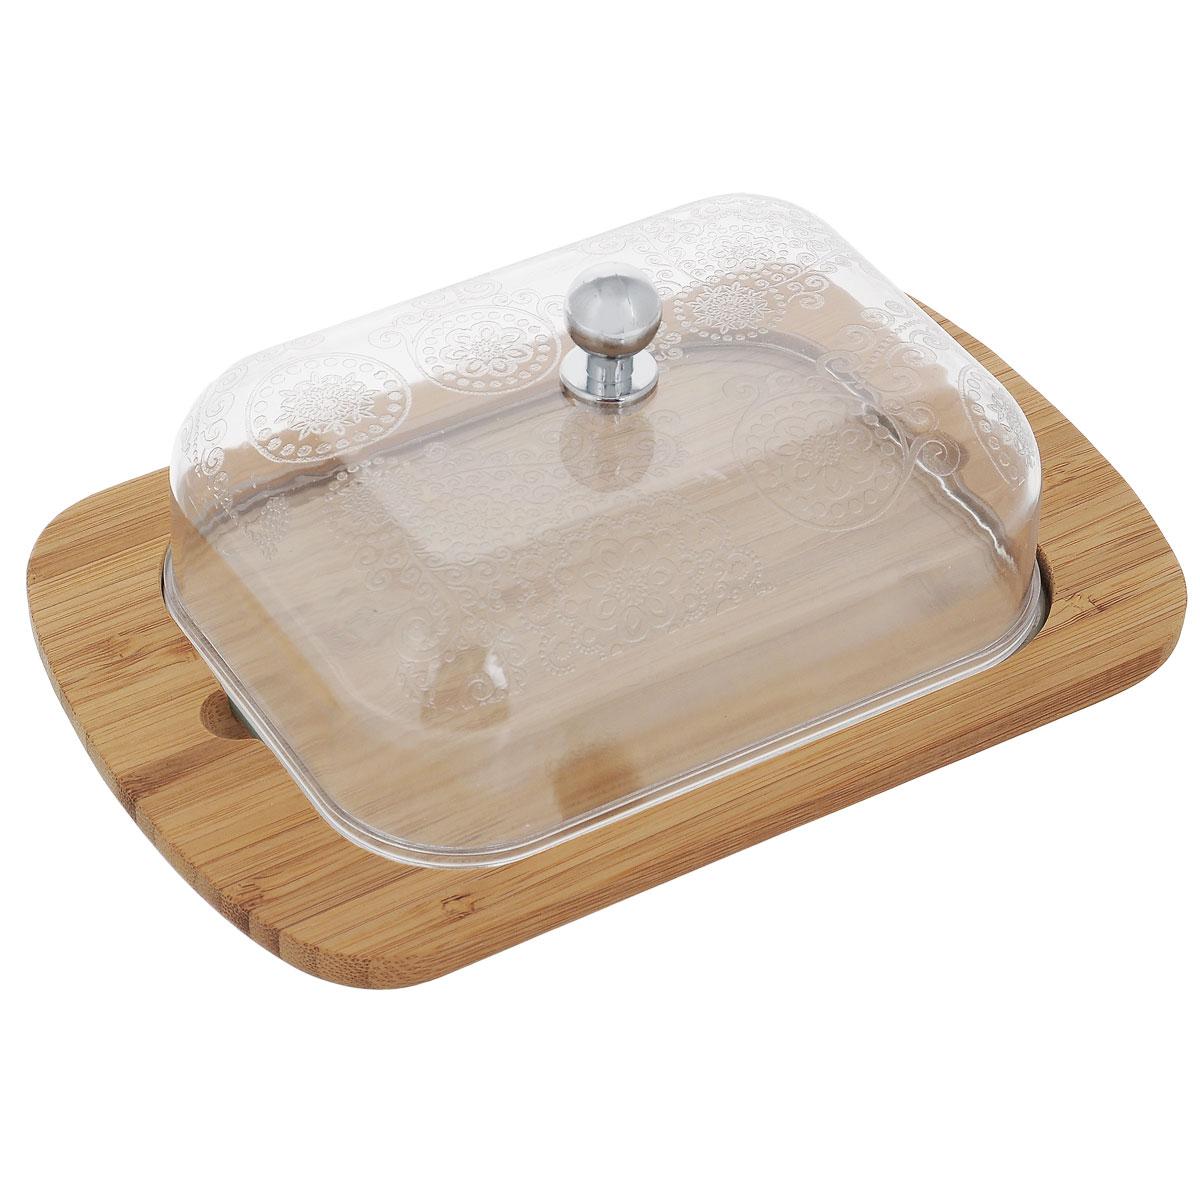 Масленка Mayer & Boch. 2351923519Масленка Mayer & Boch прекрасно подходит для хранения масла и сервировки стола. Масленка состоит из прямоугольного бамбукового подноса и прозрачной пластиковой крышки, украшенной изысканным узором. Крышка плотно устанавливается на поднос. Масленка сохранит сливочное масло свежим как в холодильнике, так и на обеденном столе. Прекрасное дополнение для любой кухни.